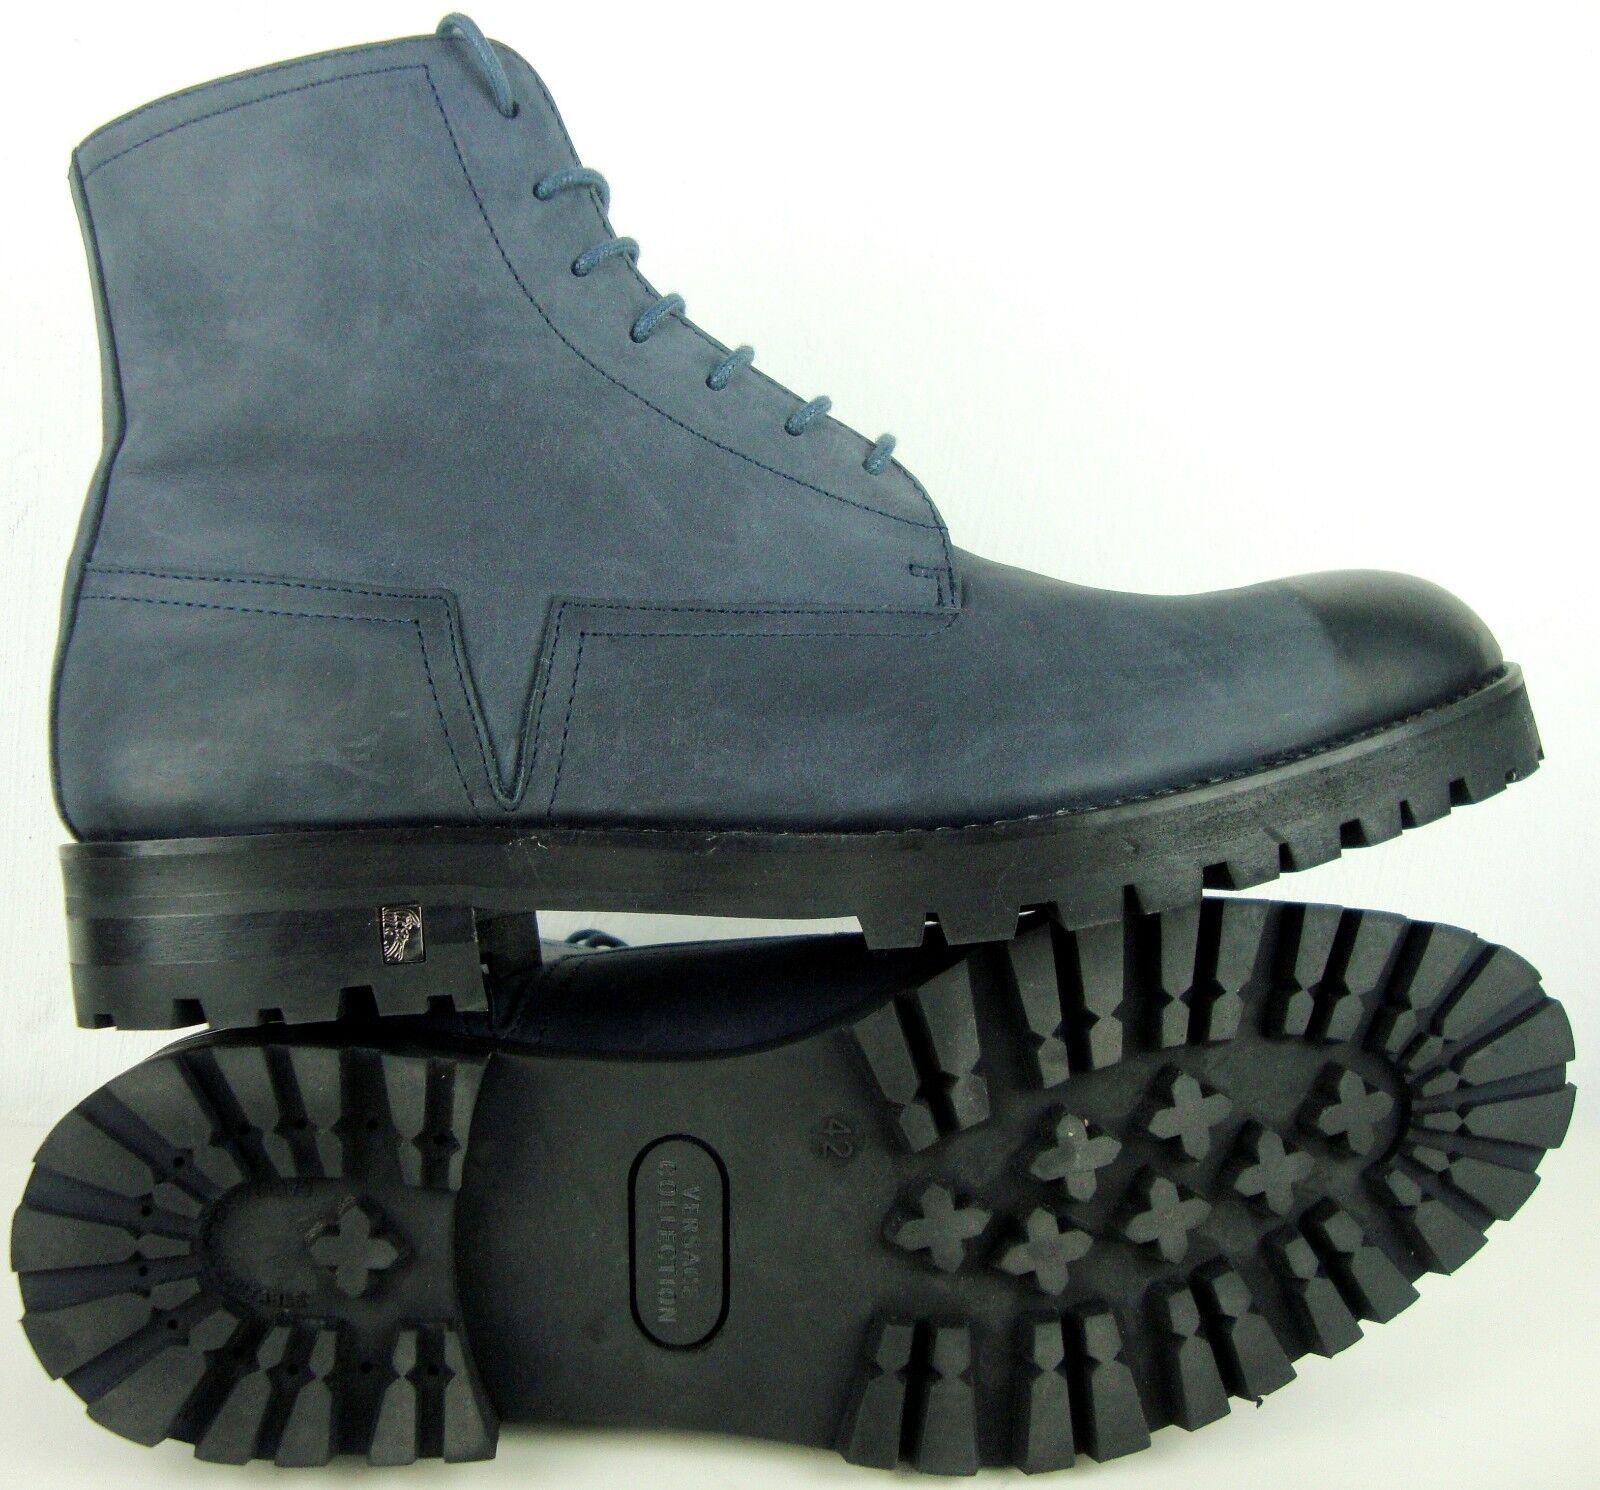 VERSACE Herren Stiefelette Designer Stiefel Schnürstiefelette Schuhe Gr.42 NEU NEU NEU 06dd2f